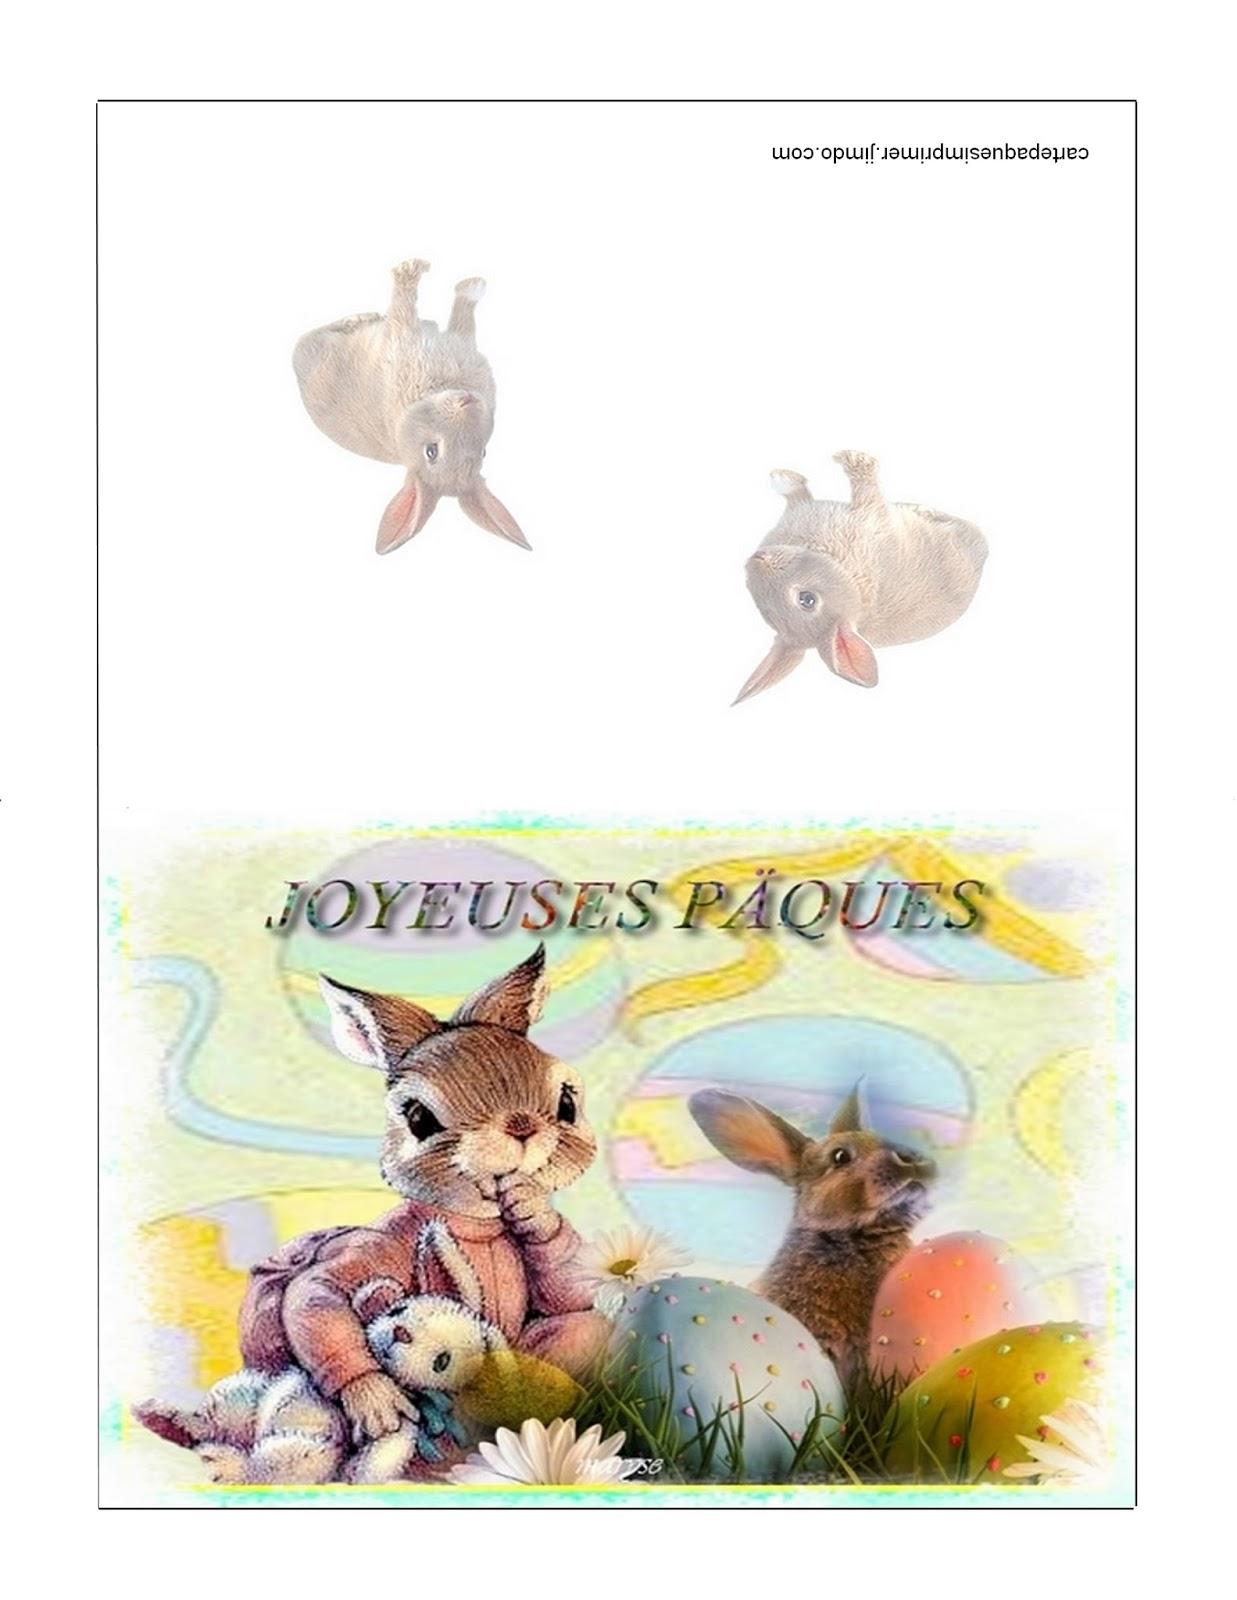 Carte de p ques imprimer gratuites carte p ques Carte de voeux personnalisable gratuite a imprimer